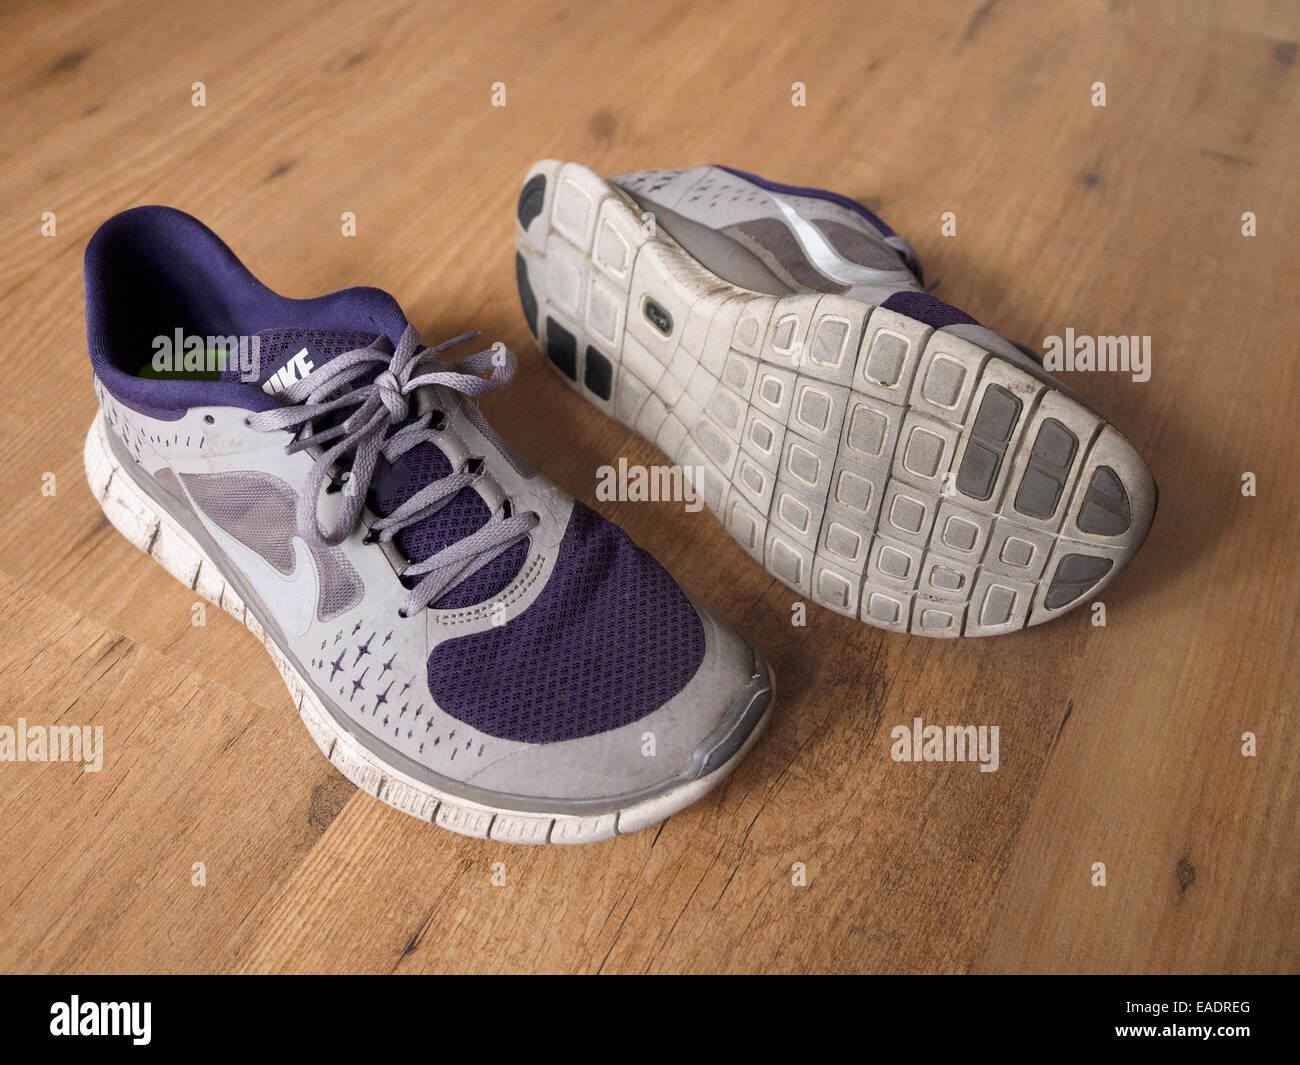 la meilleure attitude d1dbc 51efd Vieux Nike Free Run gris et violet chaussures de formation ...